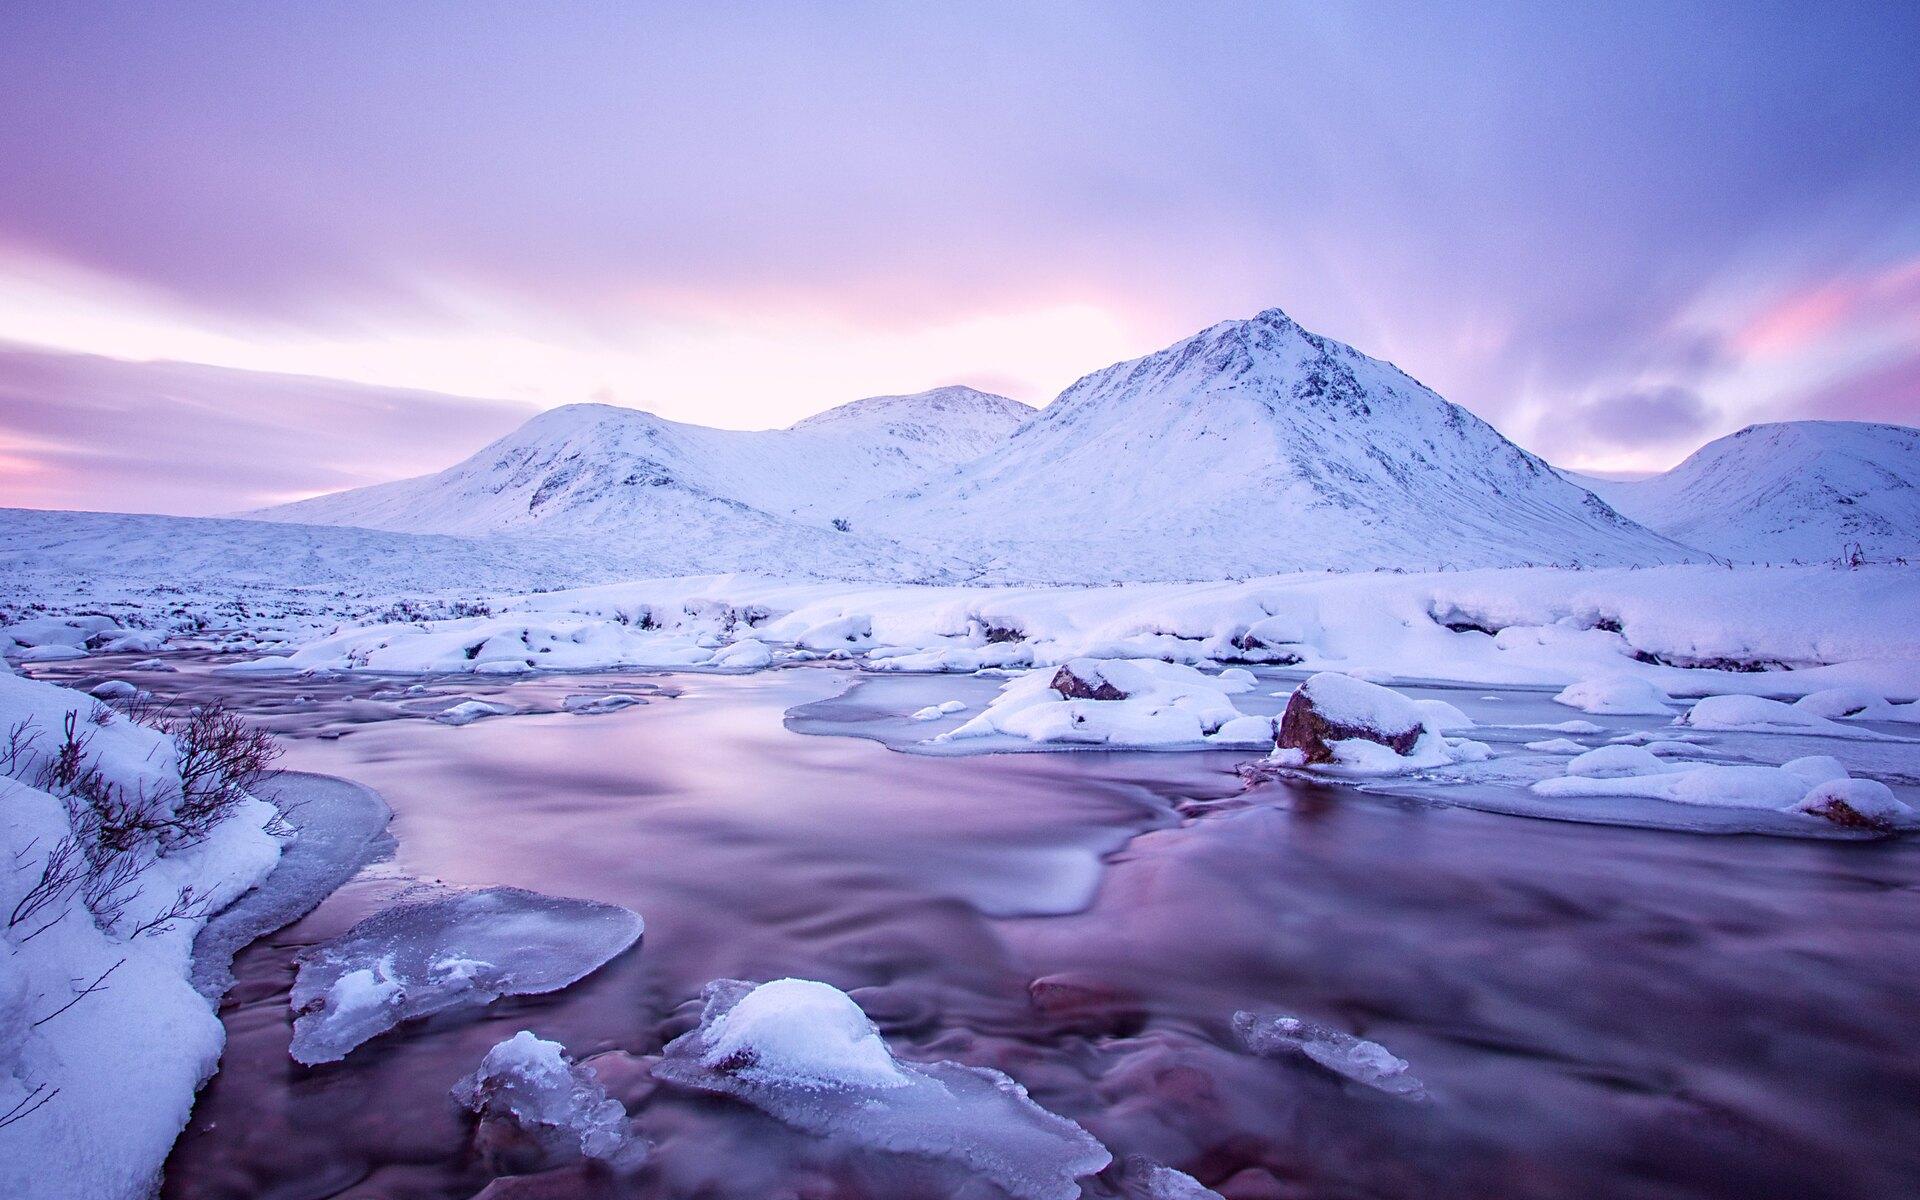 surreal-winter-landscape.jpg